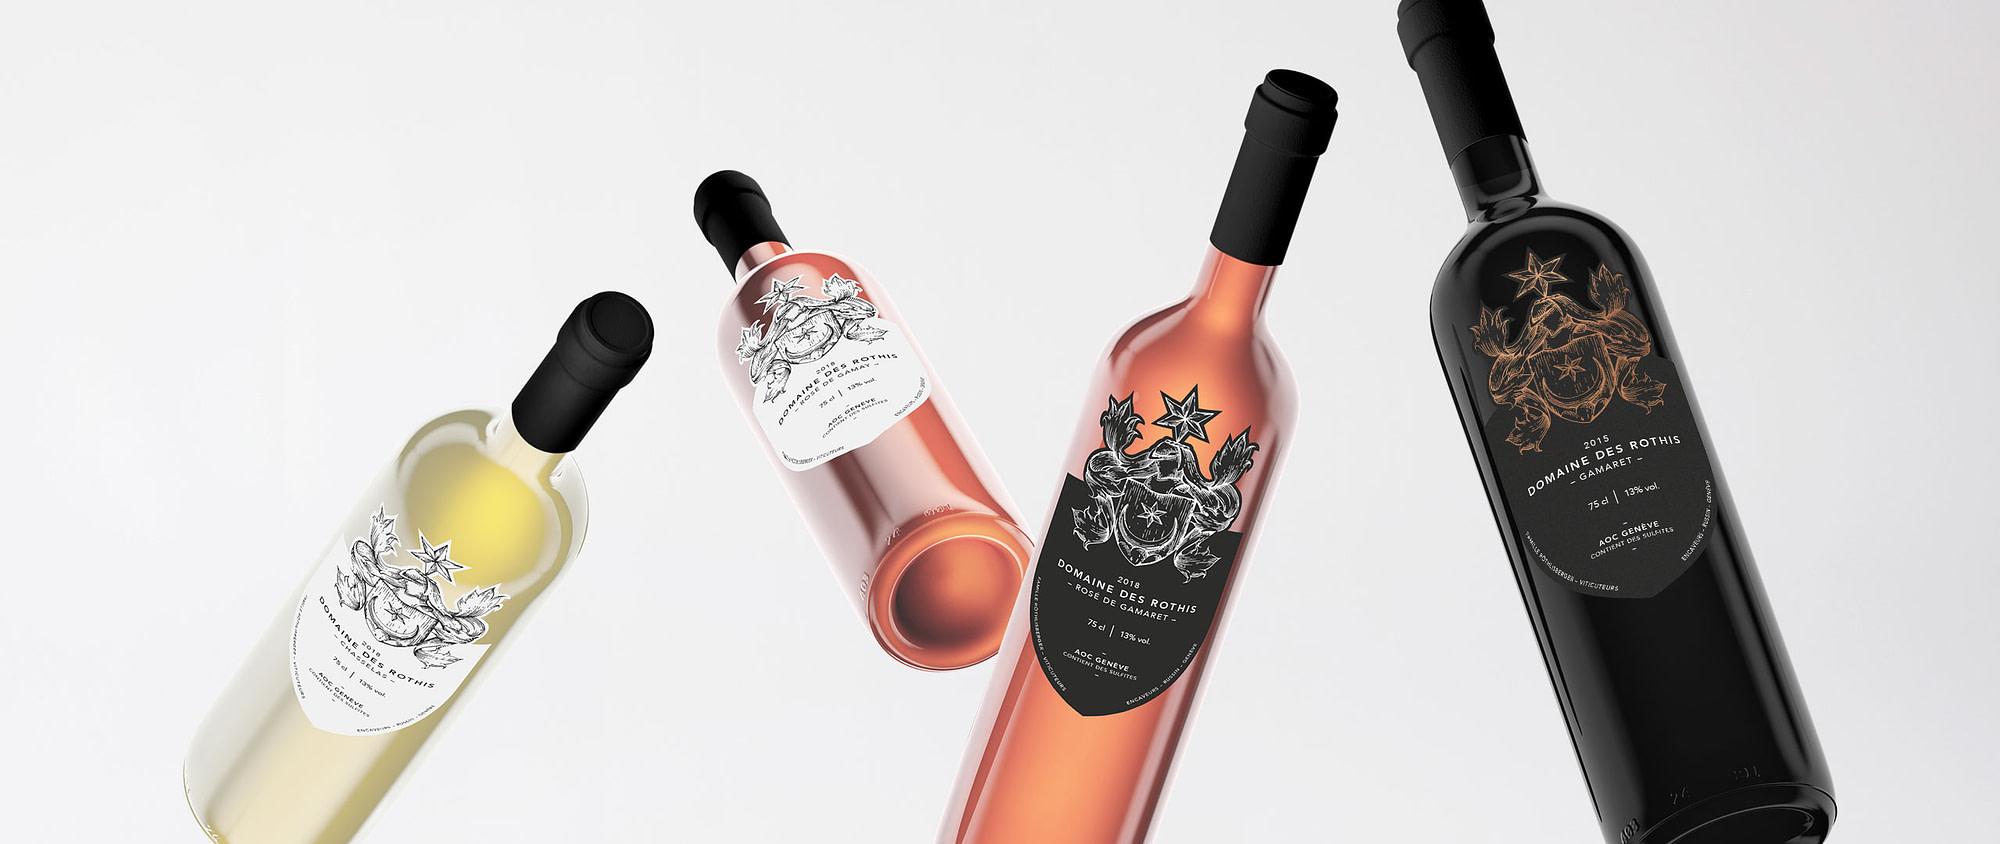 Photographie de quatre bouteilles de vin de la gamme des Domaines des Rothis.